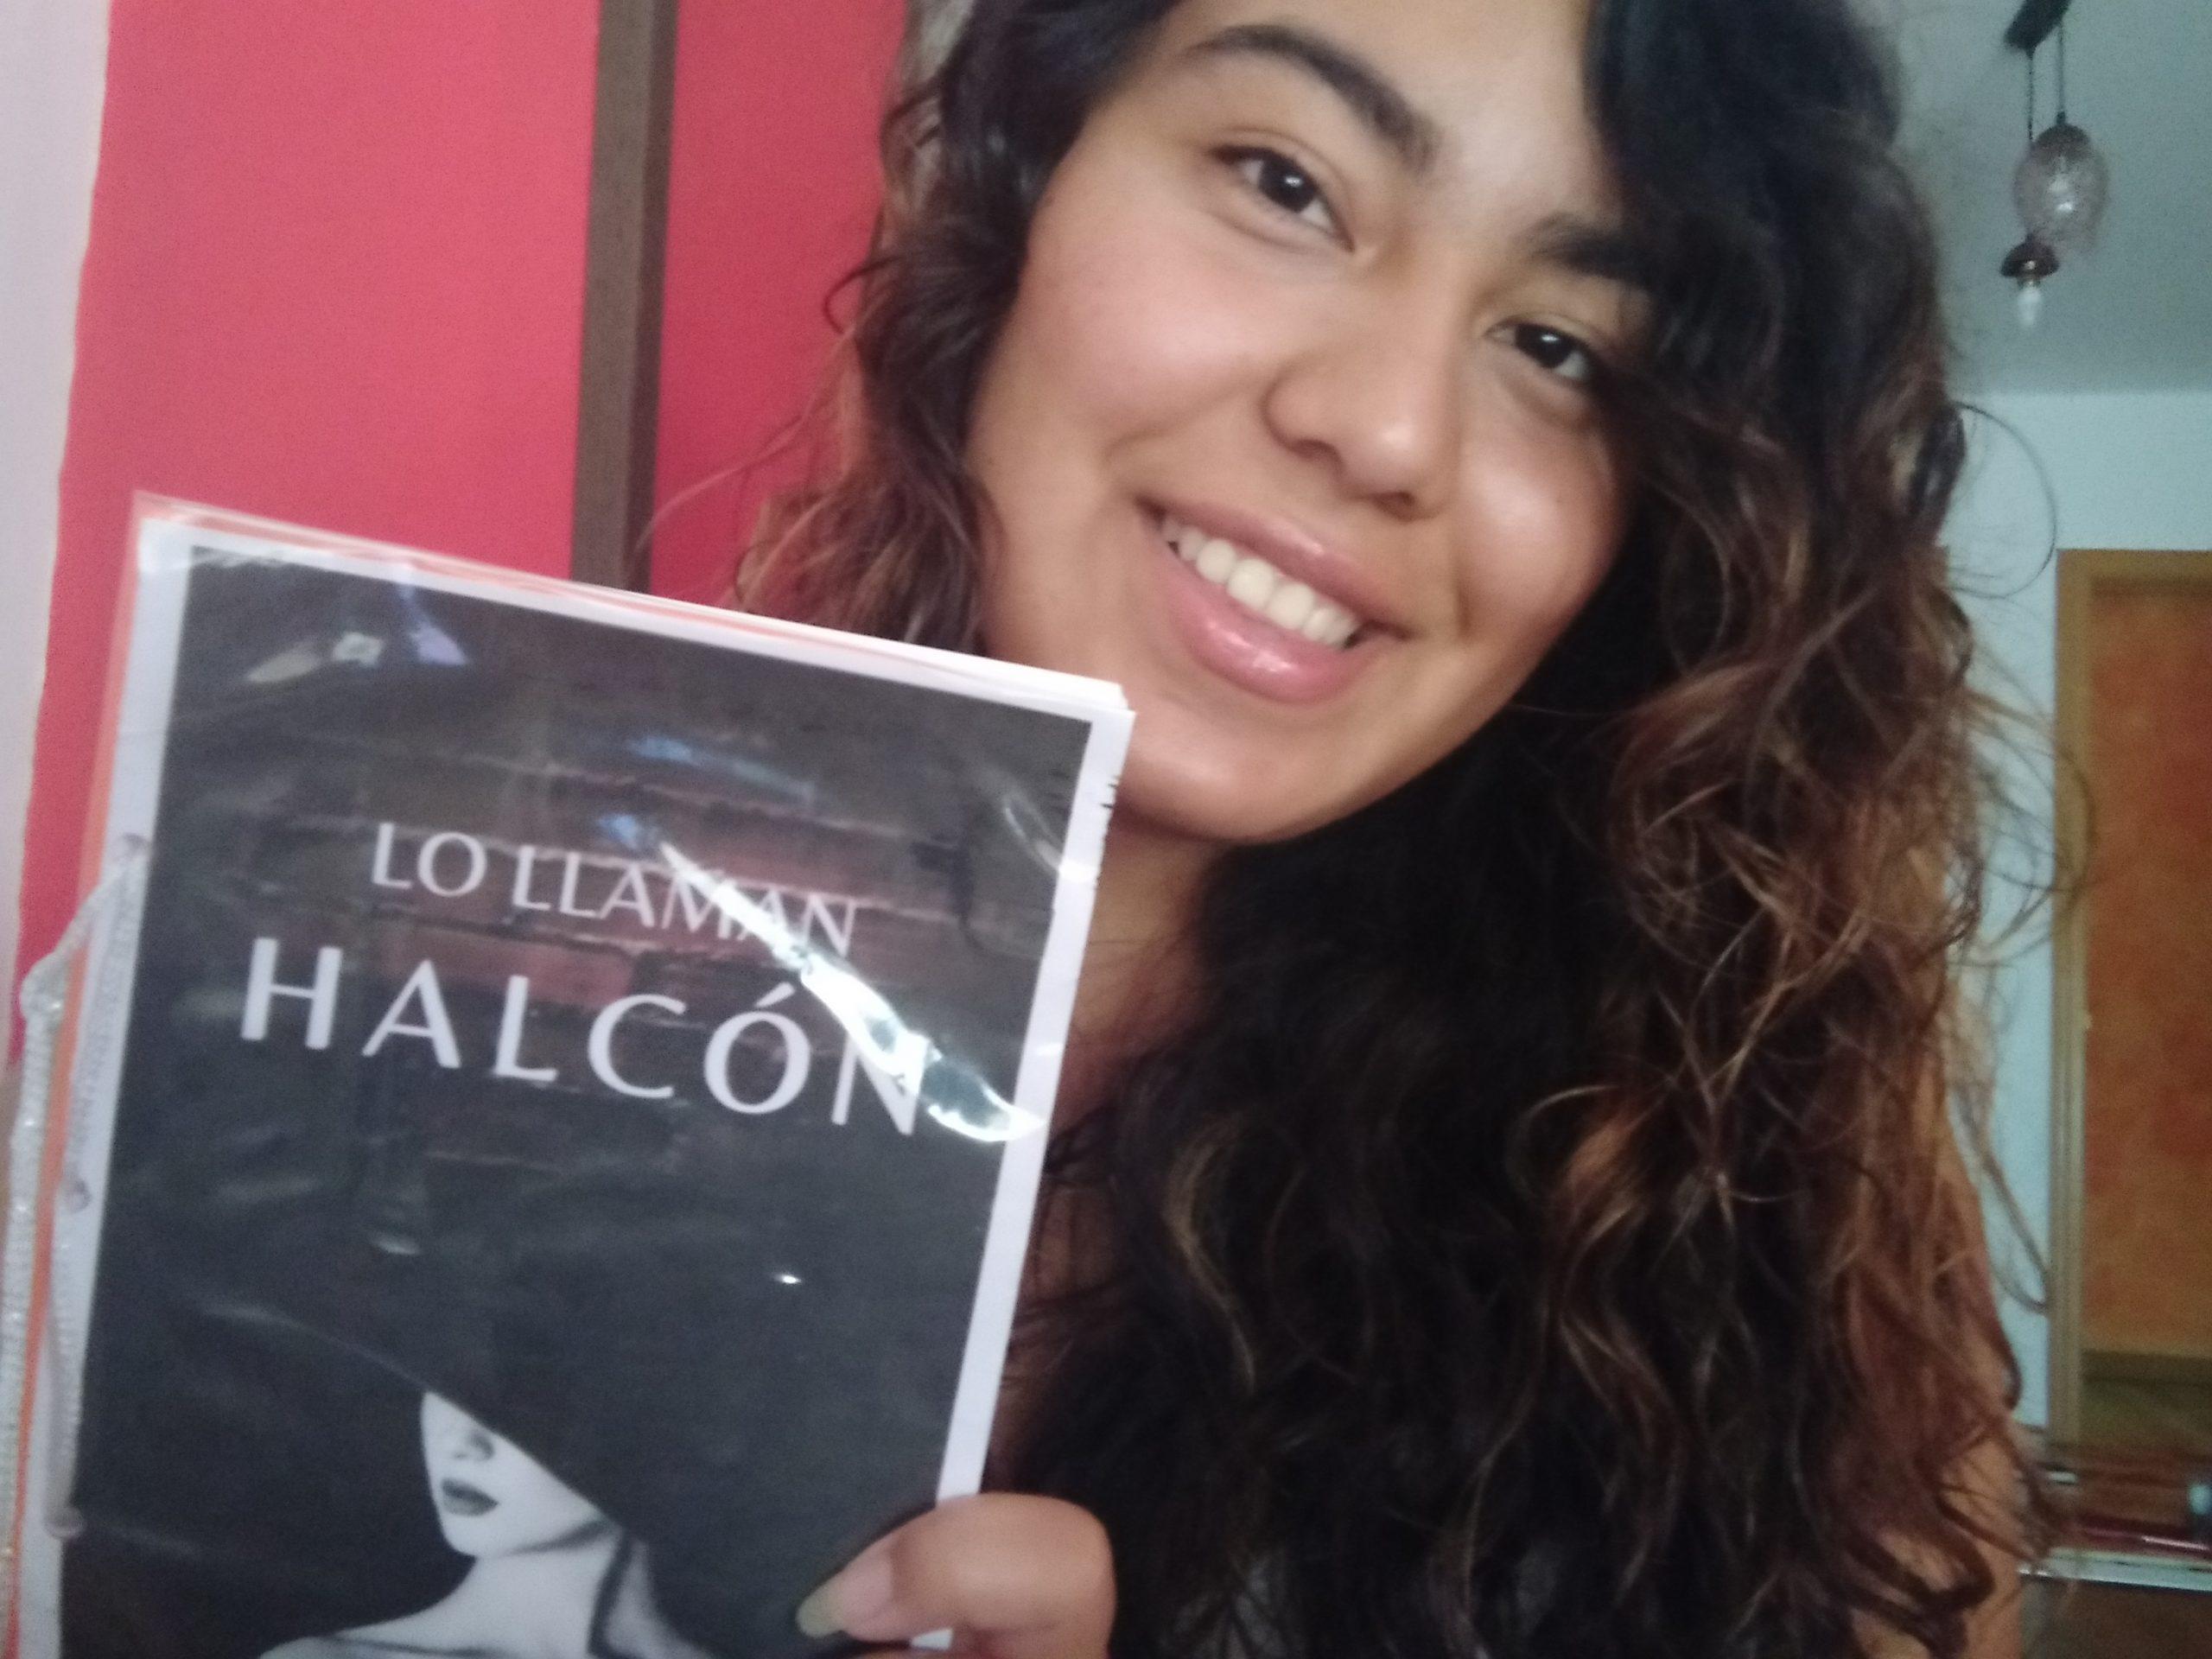 SrtaLissandra nos presenta «Lo llaman Halcón», una novela que está cosechando éxitos en Wattpad